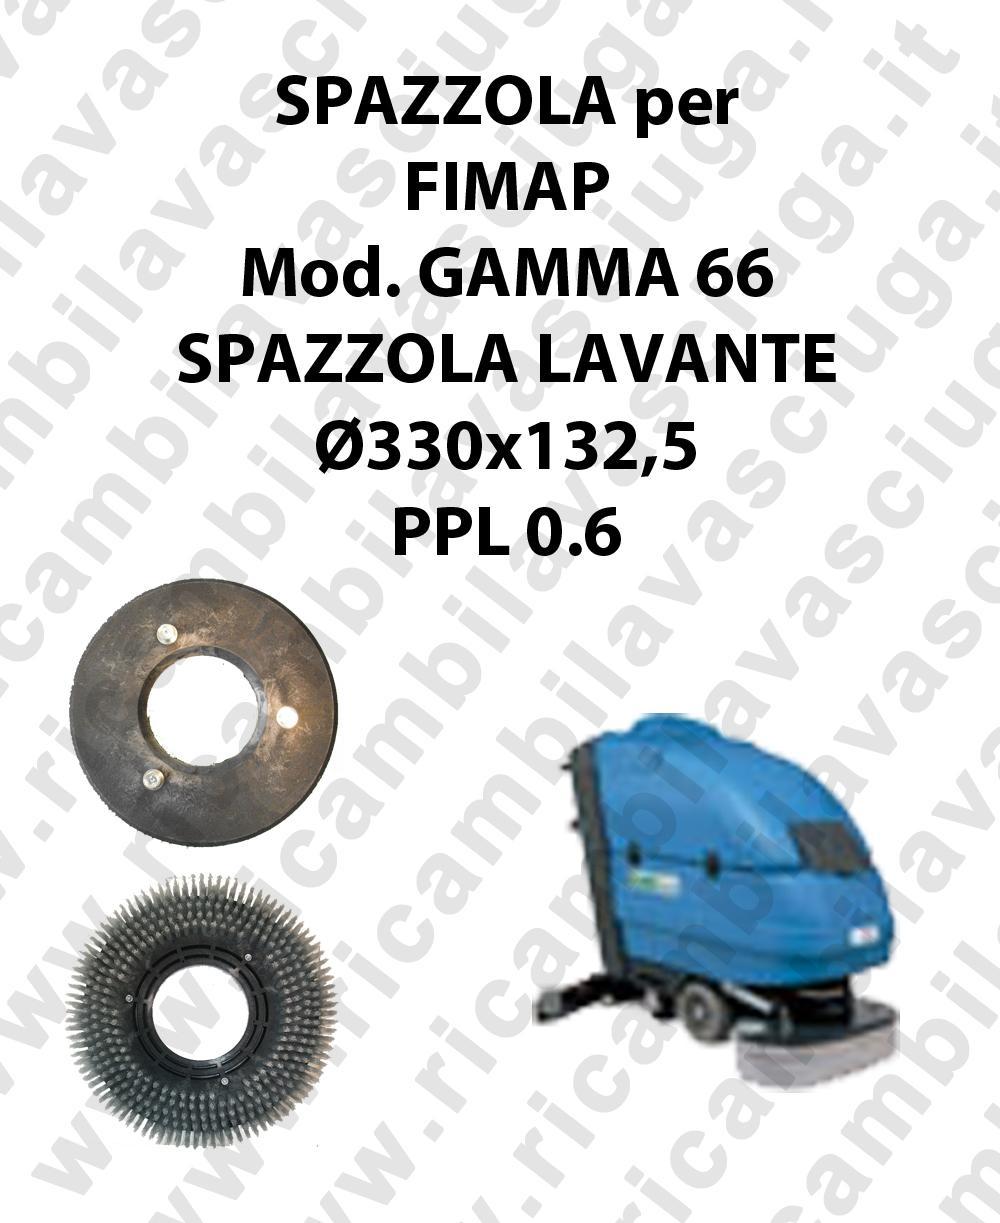 GAMMA 66 Reinigung der Bürste Bürsten für scheuersaugmaschinen FIMAP